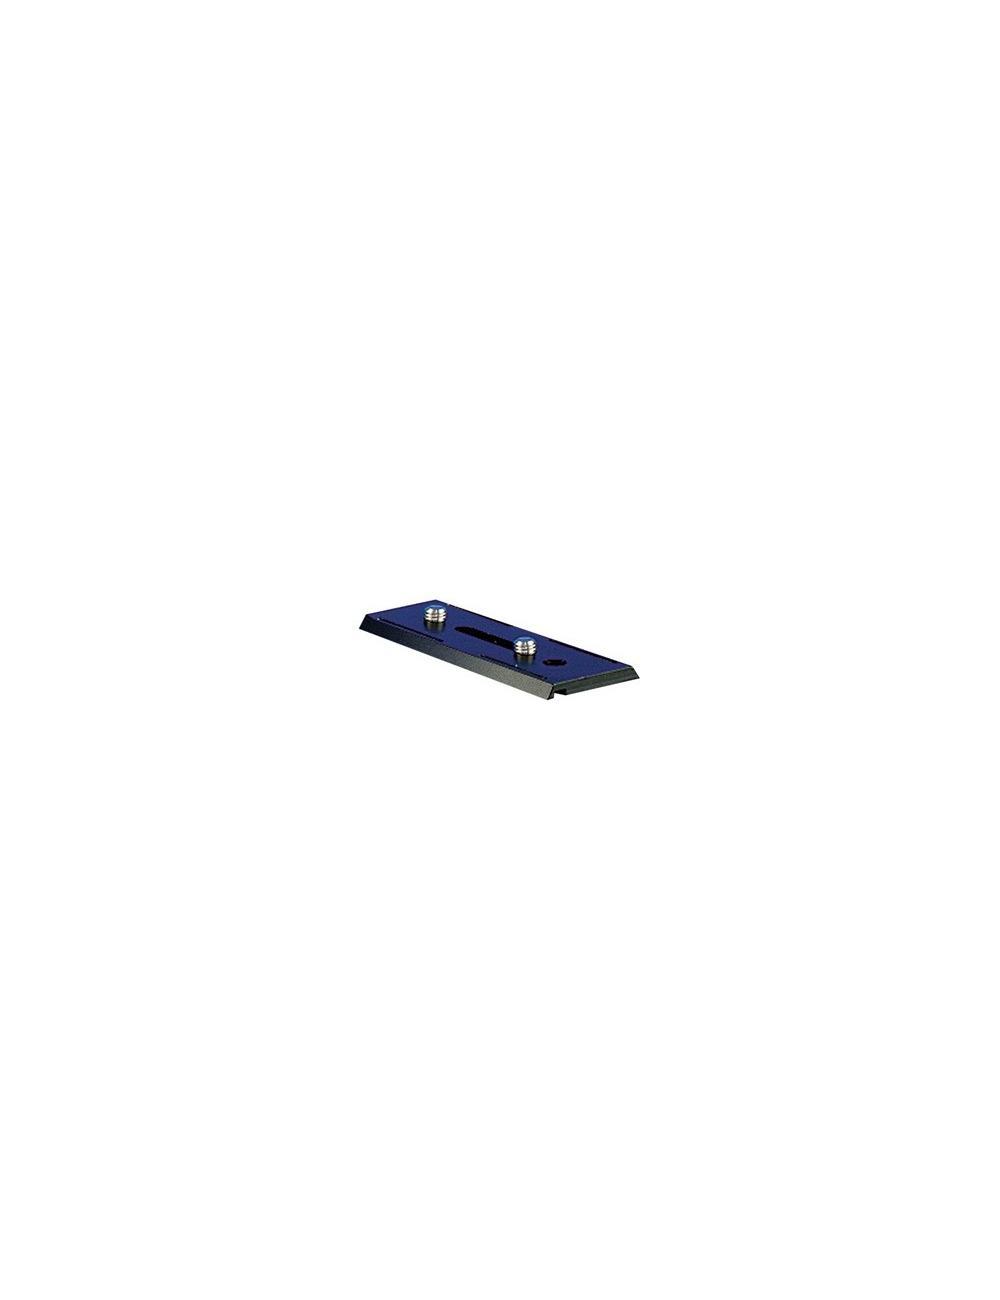 Vinten - Placa de cámara para Vision 3 y 6 - (3449-900SP)